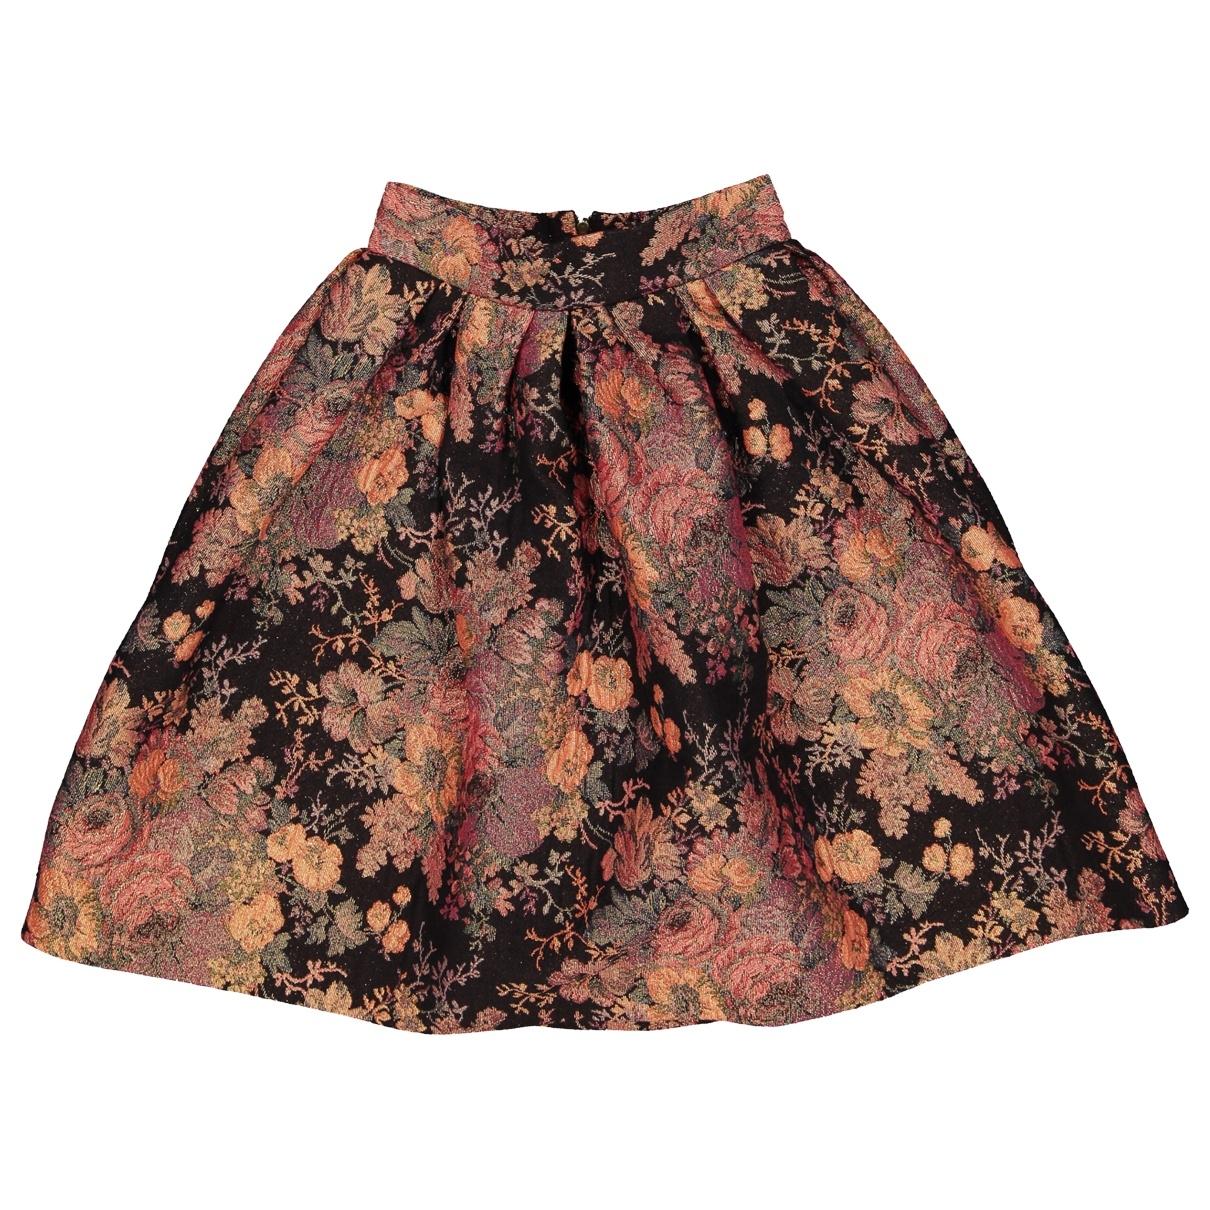 Maje \N Black Cotton skirt for Women 34 FR